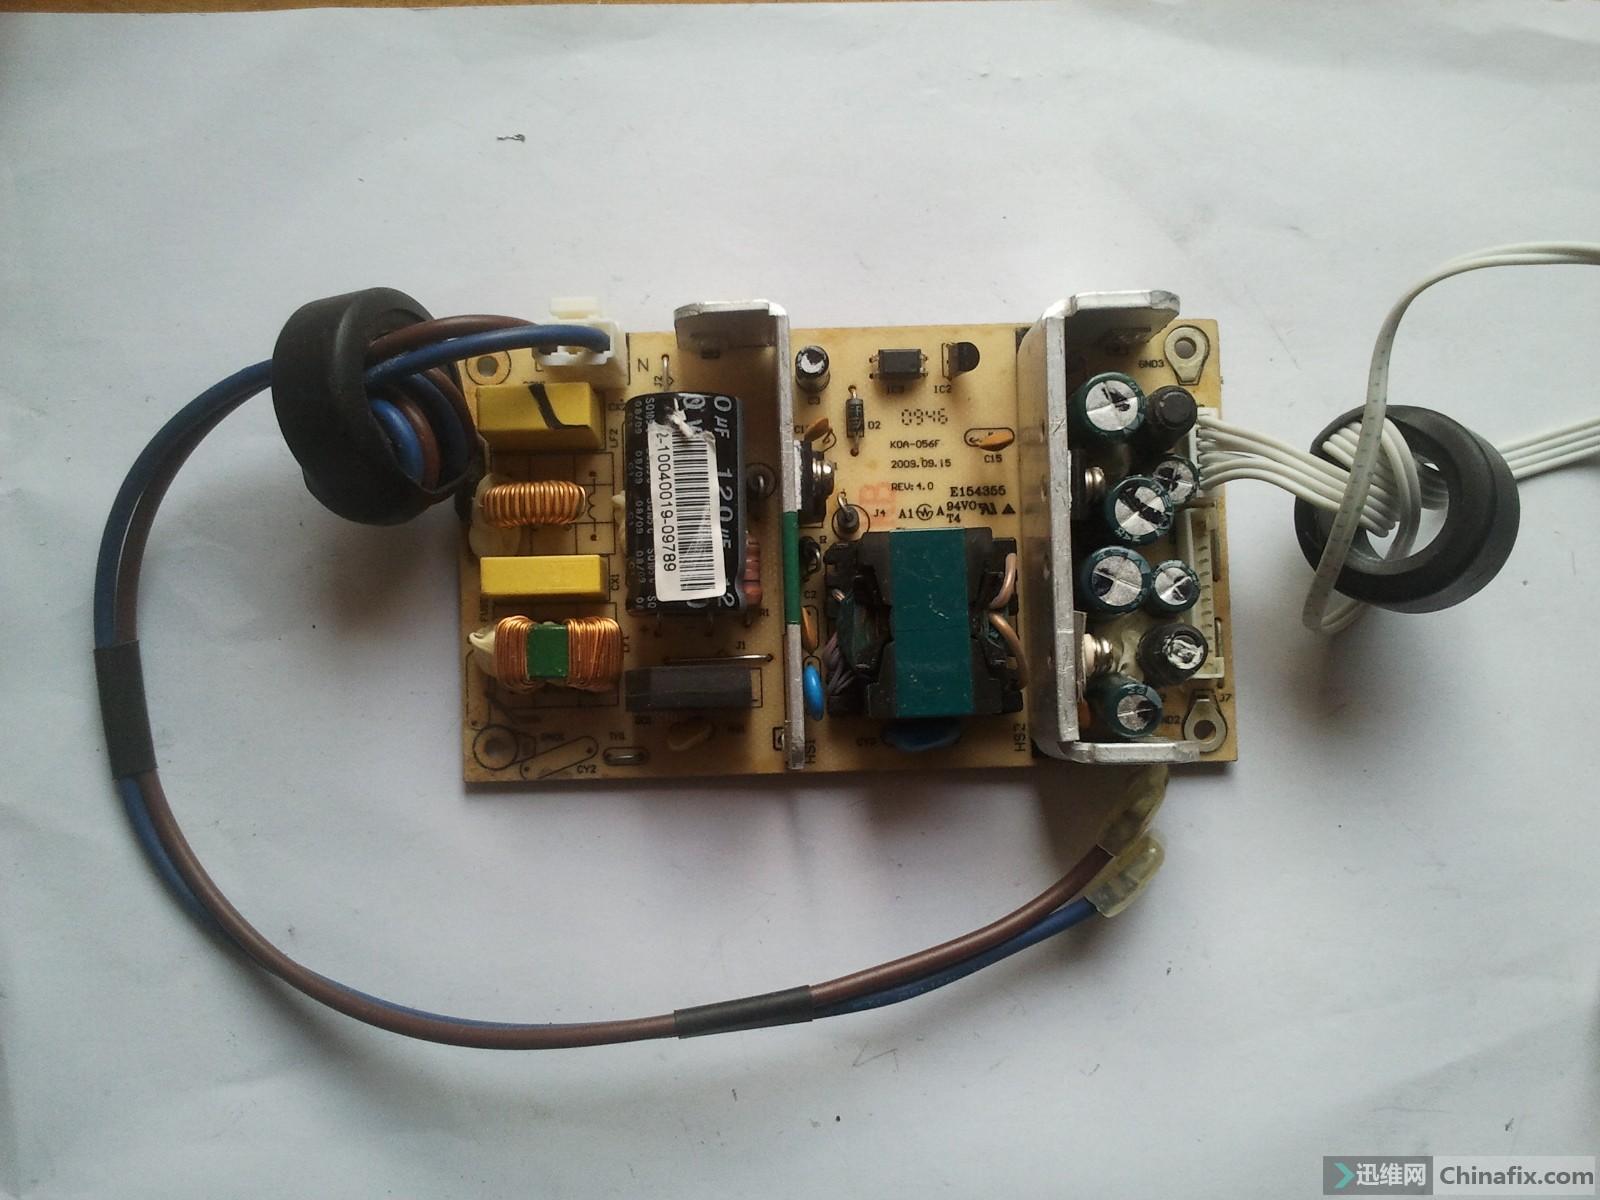 液晶电视电路板如何连接